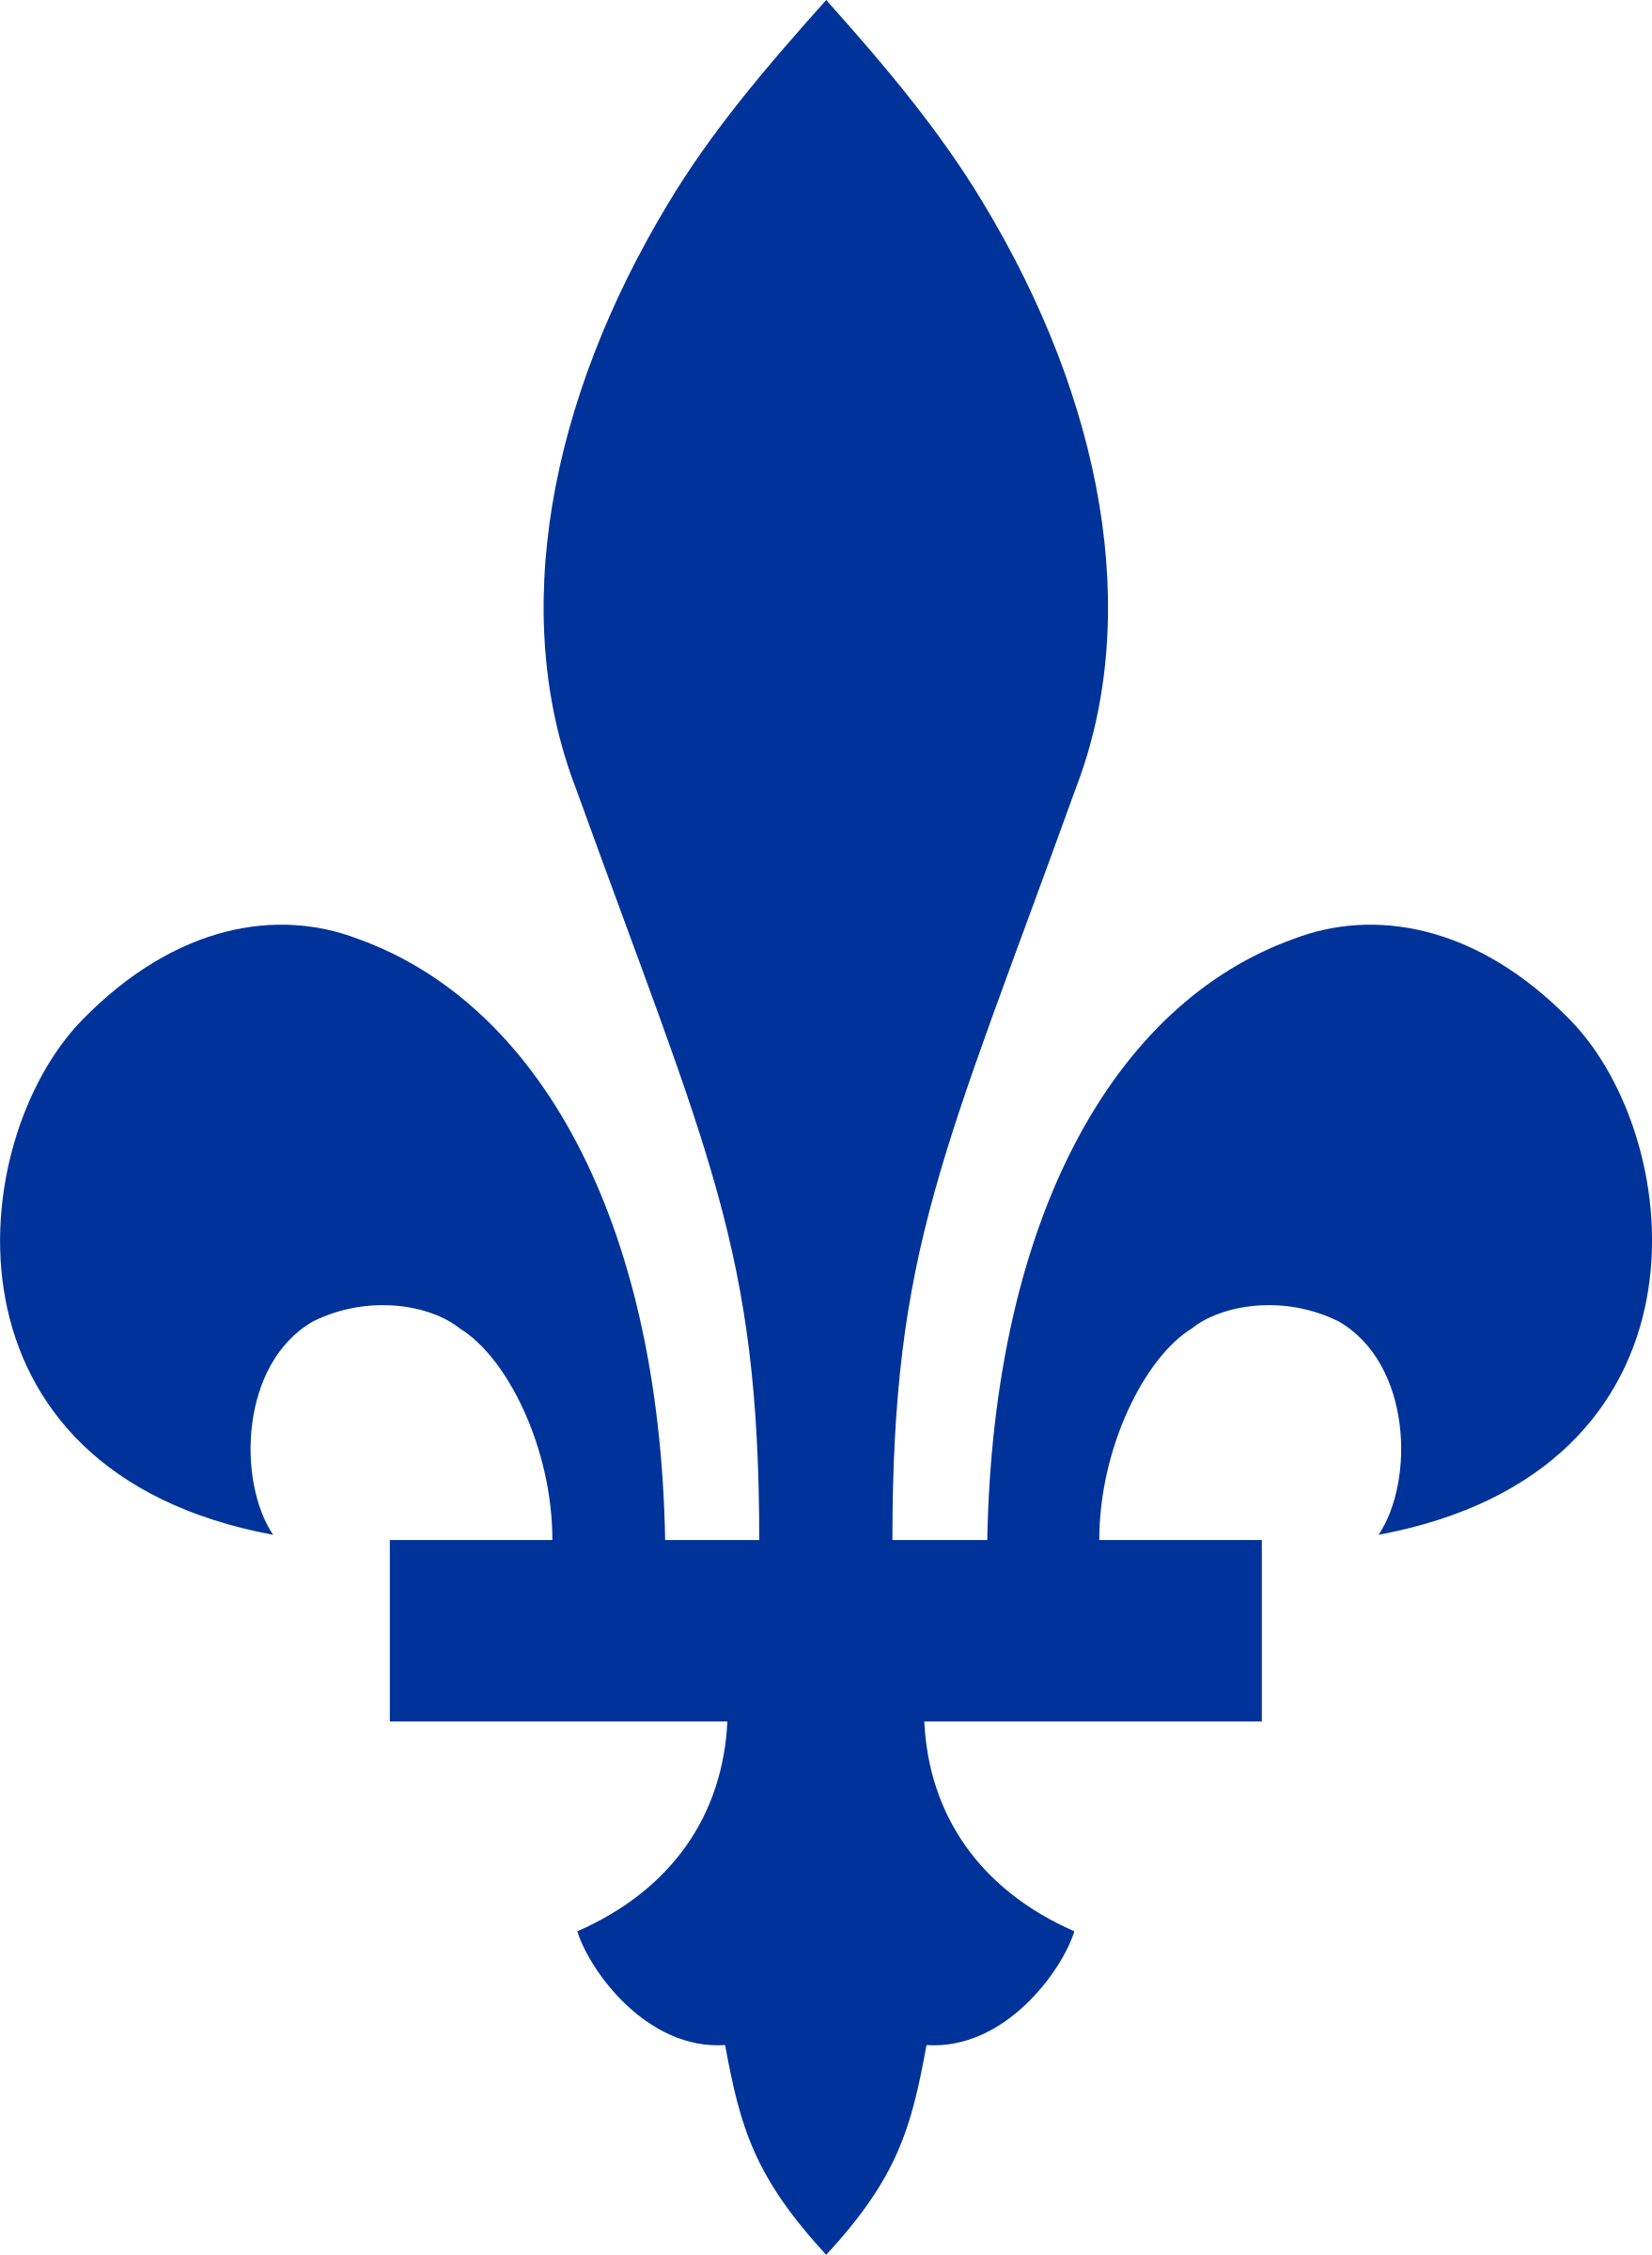 De fleur crown clipart jpg transparent download Fleur de lis du drapeau du Québec by jpfle | Rock en français ... jpg transparent download